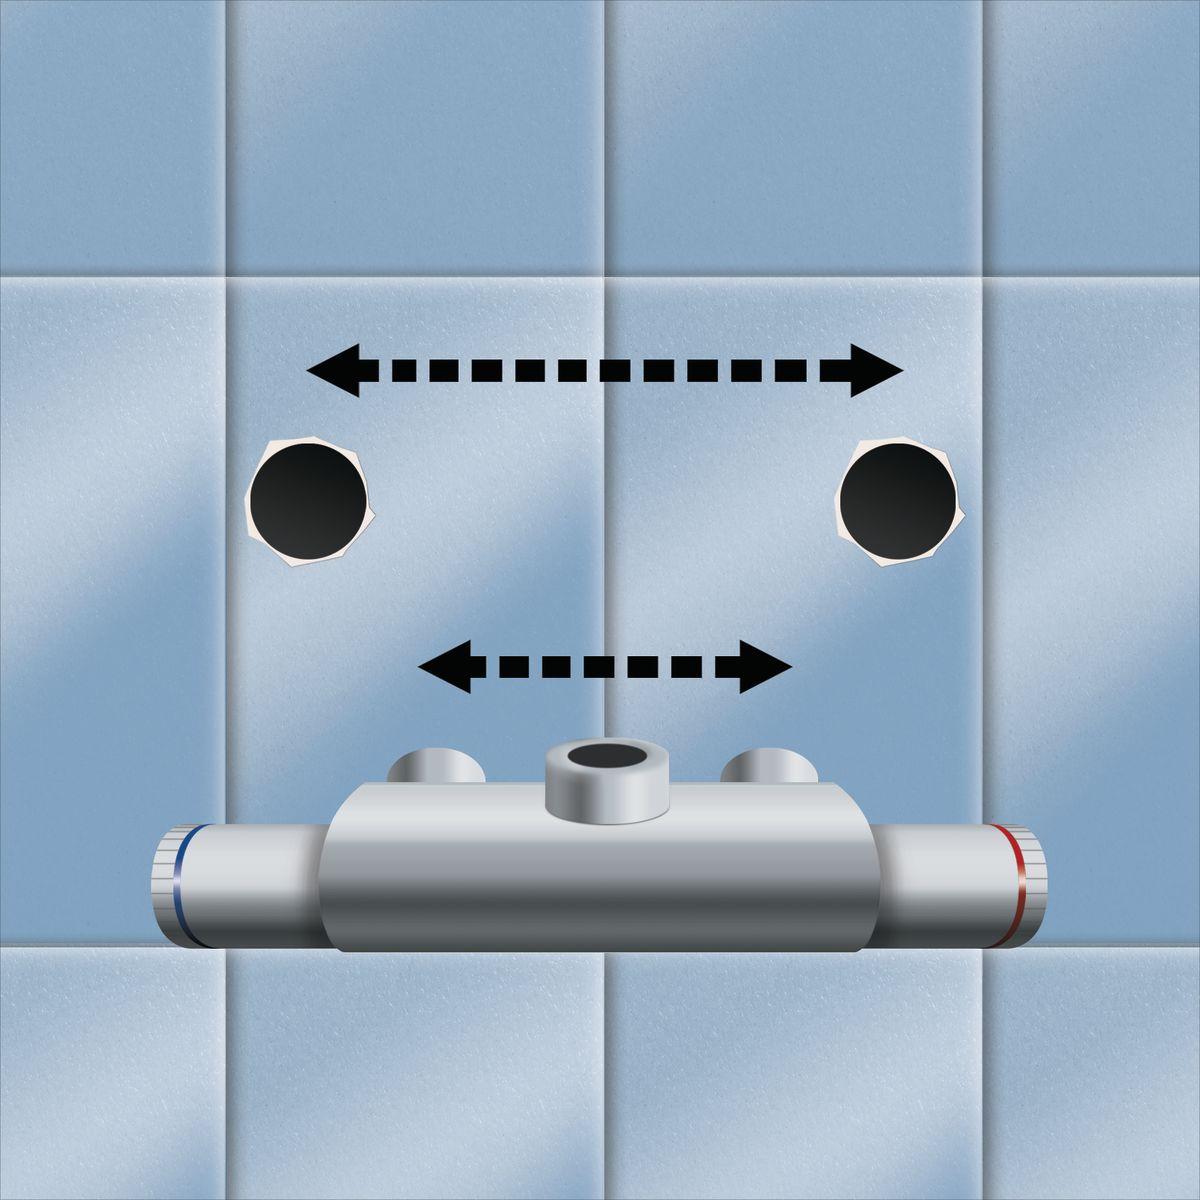 Come installare una colonna doccia - Guide e Tutorial | LeroyMerlin